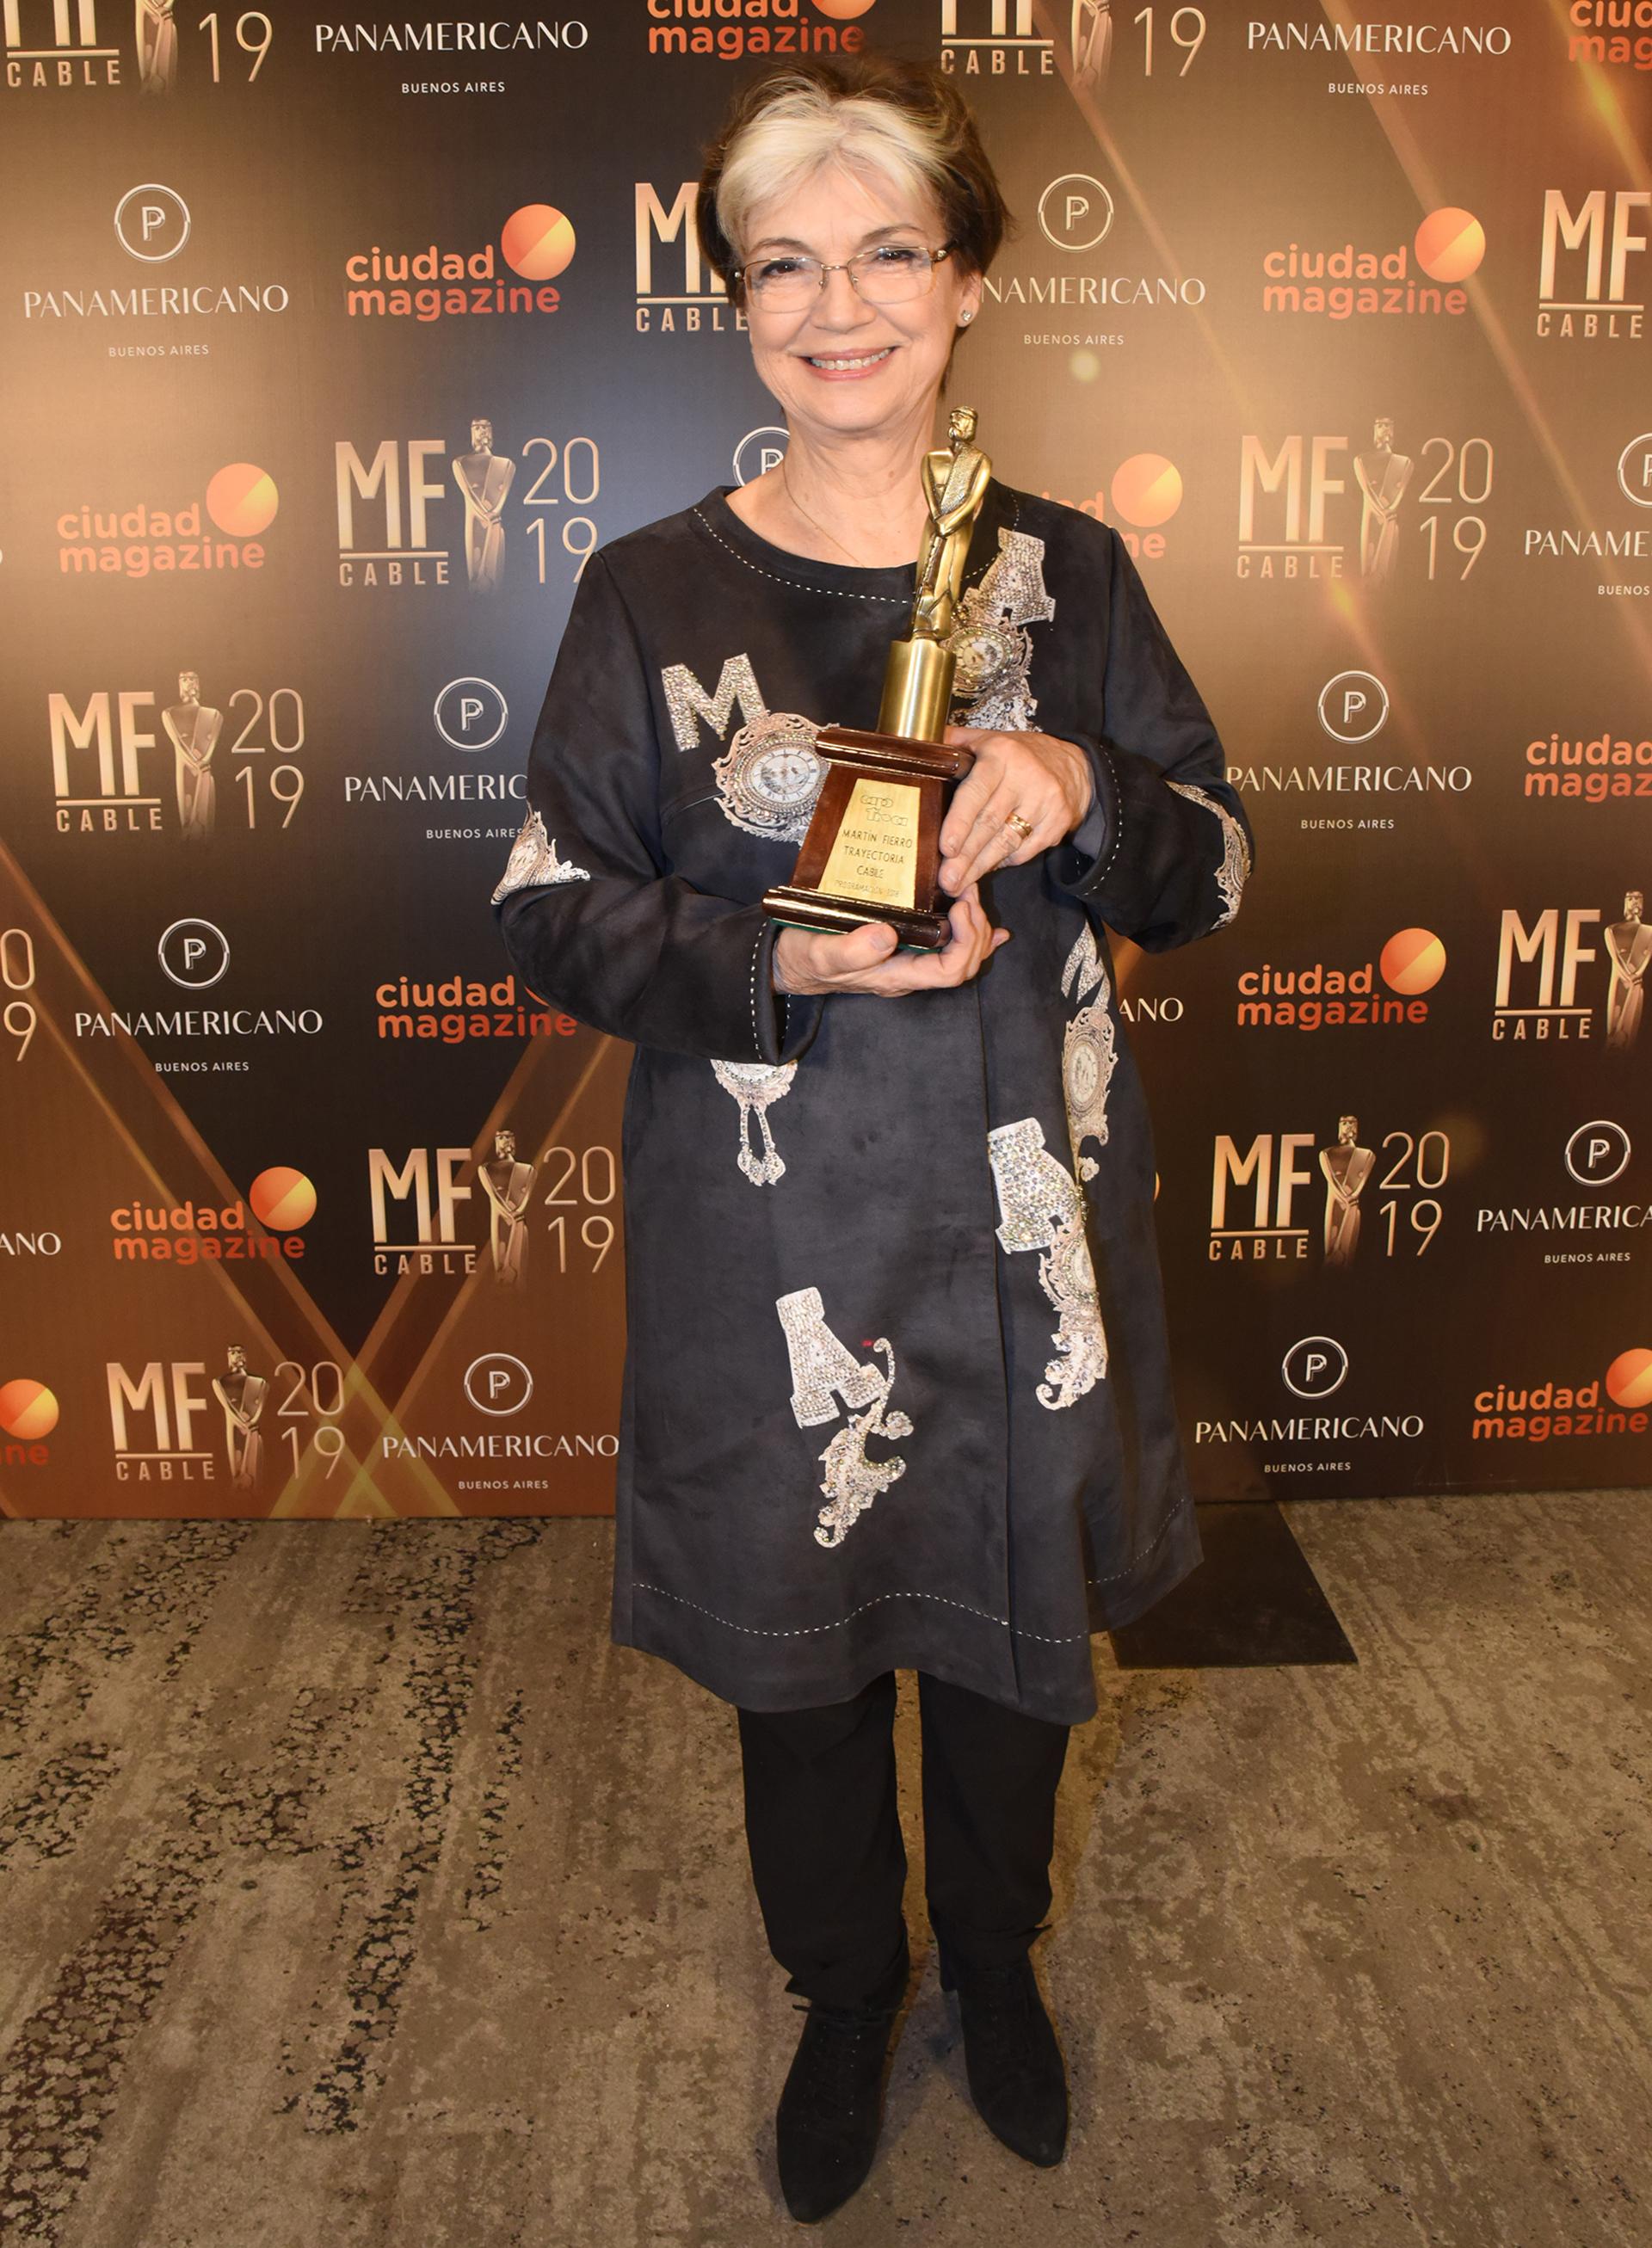 La periodista Canela, reconocida por su trayectoria